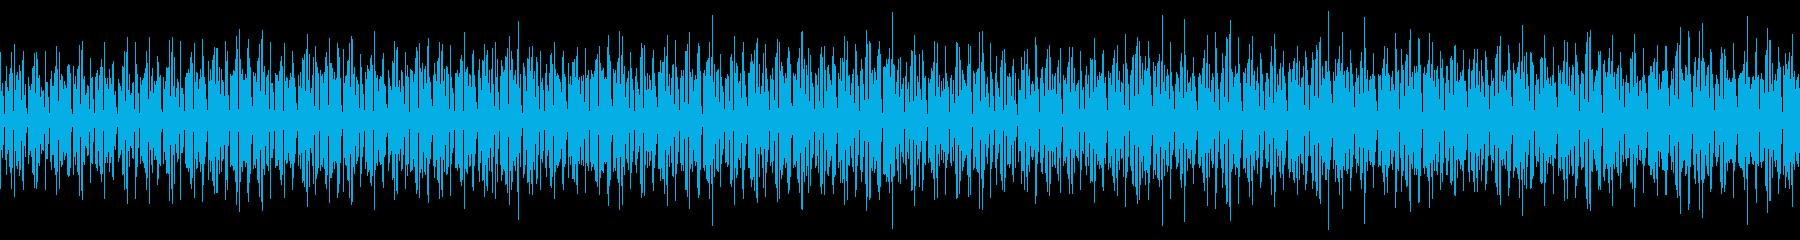 サービス紹介で流れそうなBGMの再生済みの波形